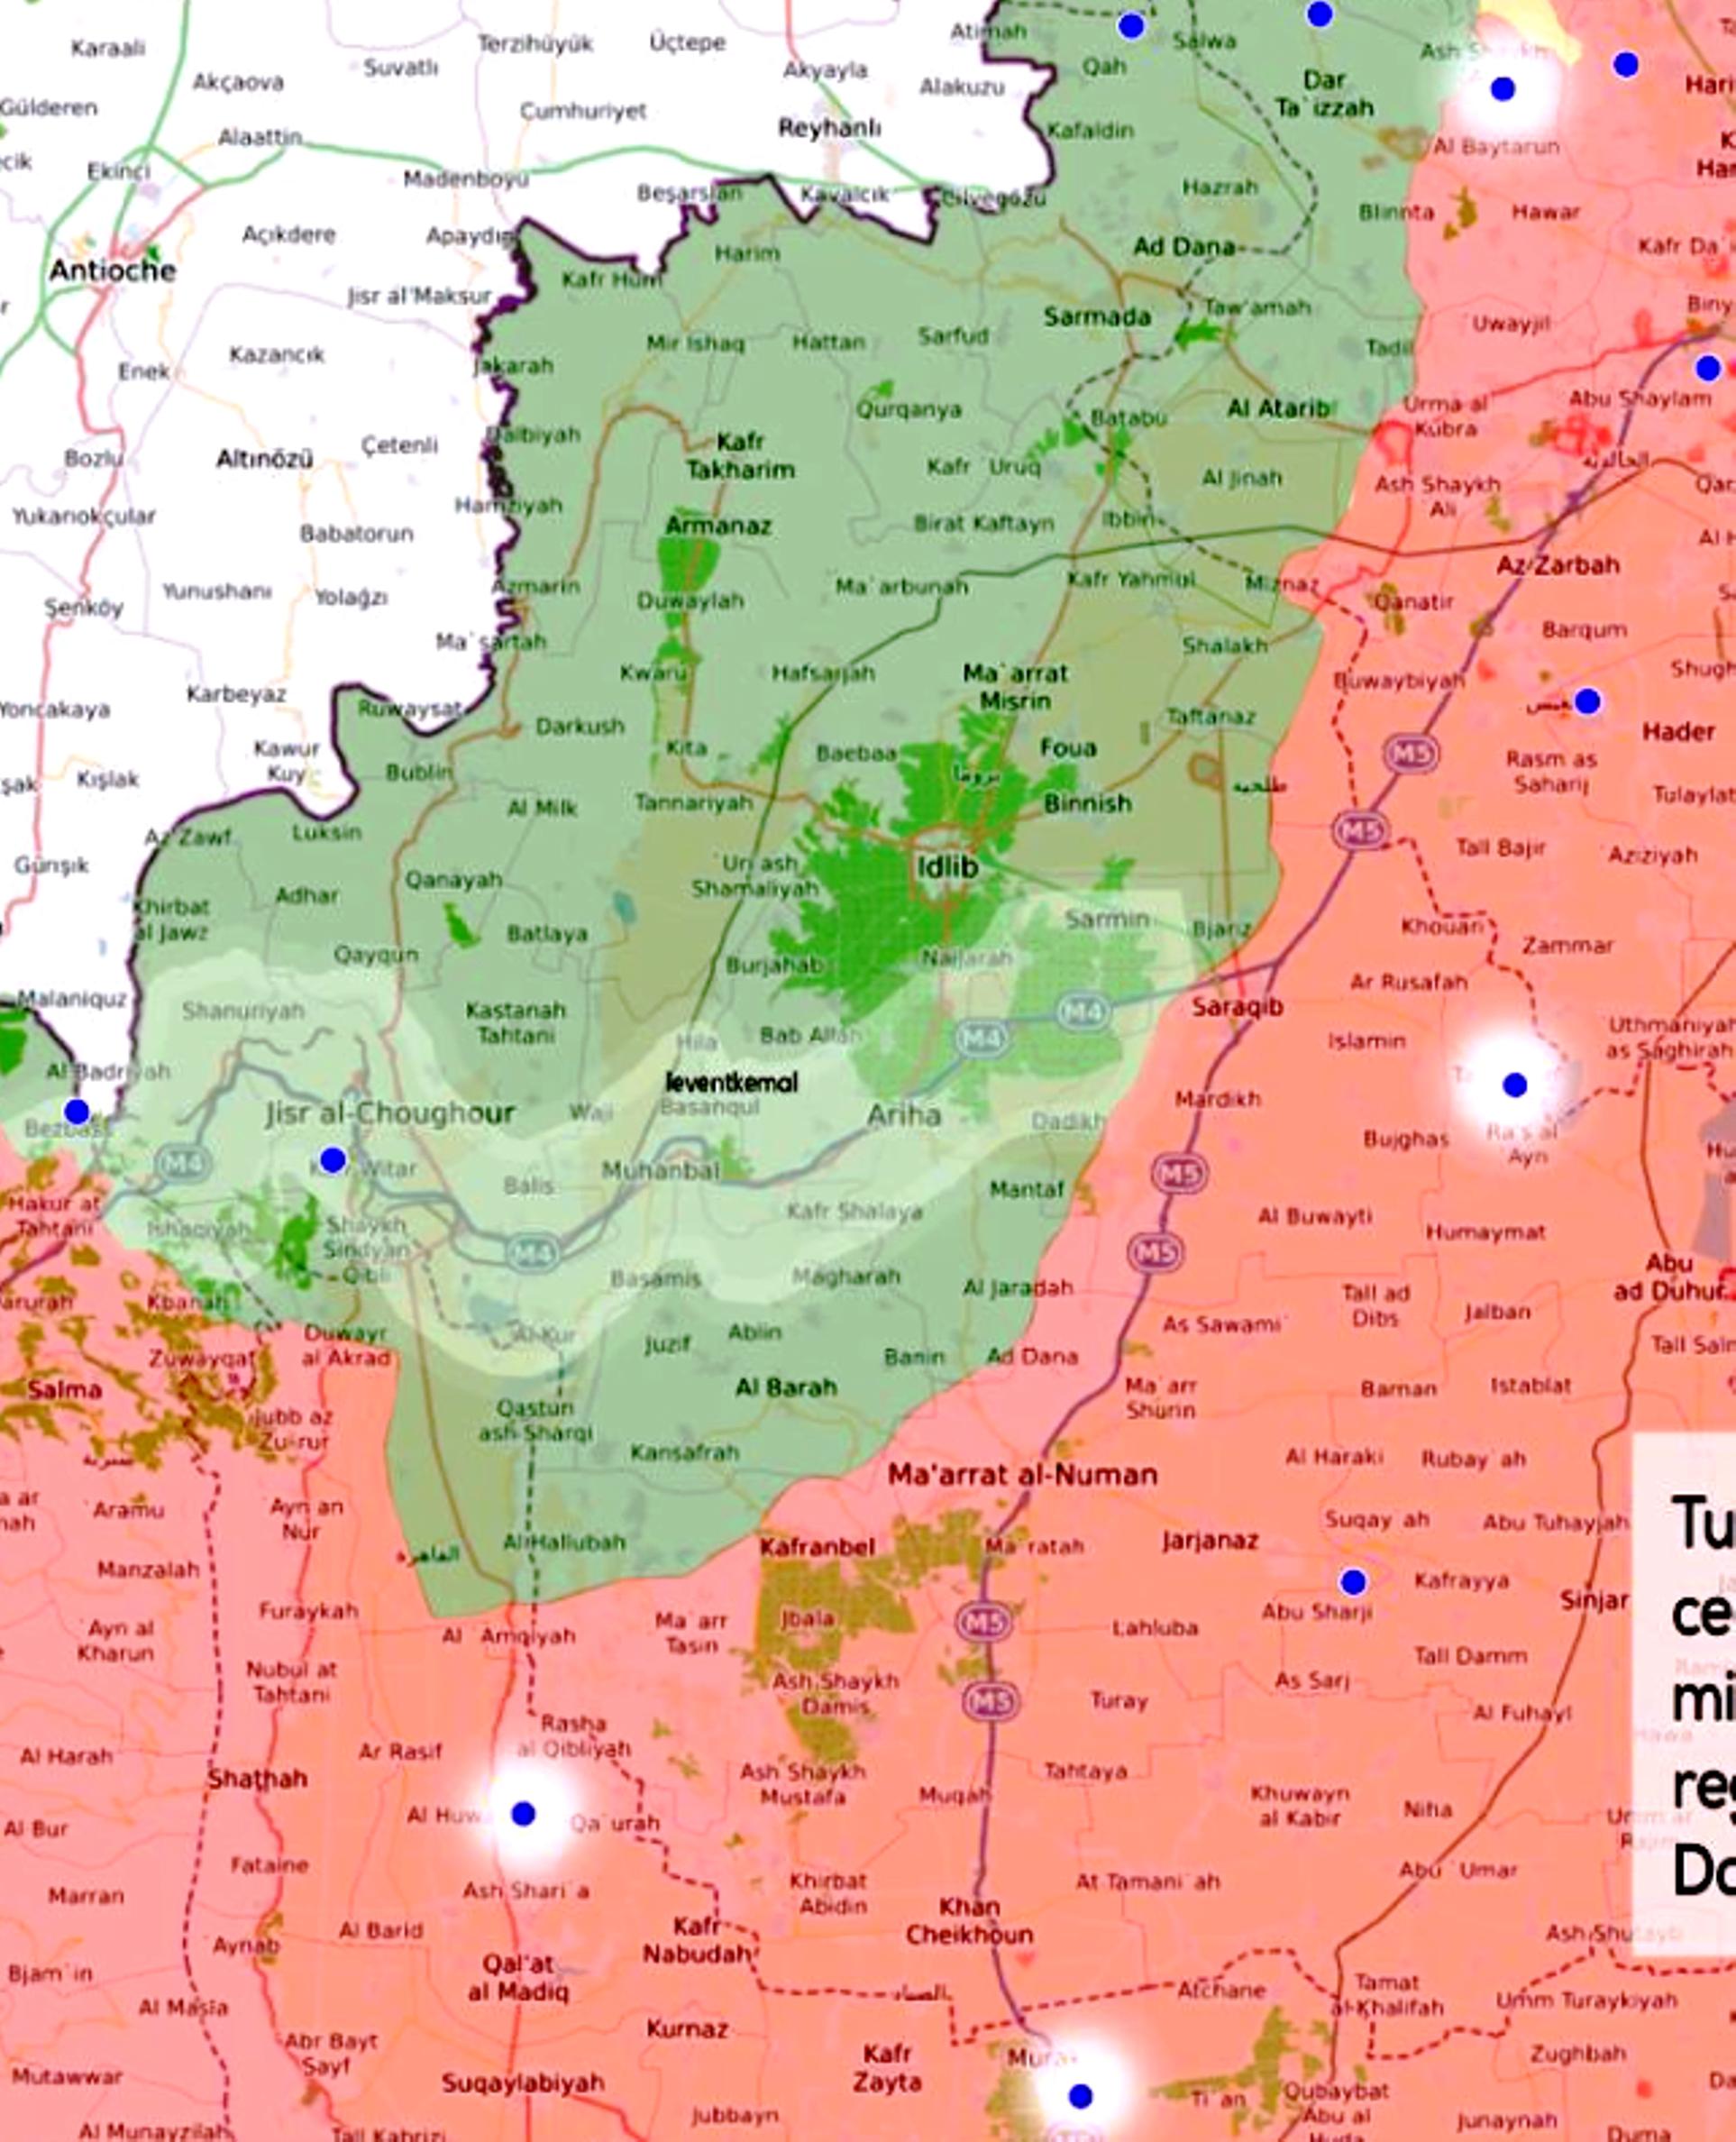 Συρία: Οι Τούρκοι φεύγουν με την ουρά στα σκέλια από την Ιντλίμπ — Αποσύρεται ο τούρκικος στρατός εισβολής από 9-10 παρατηρητήρια…